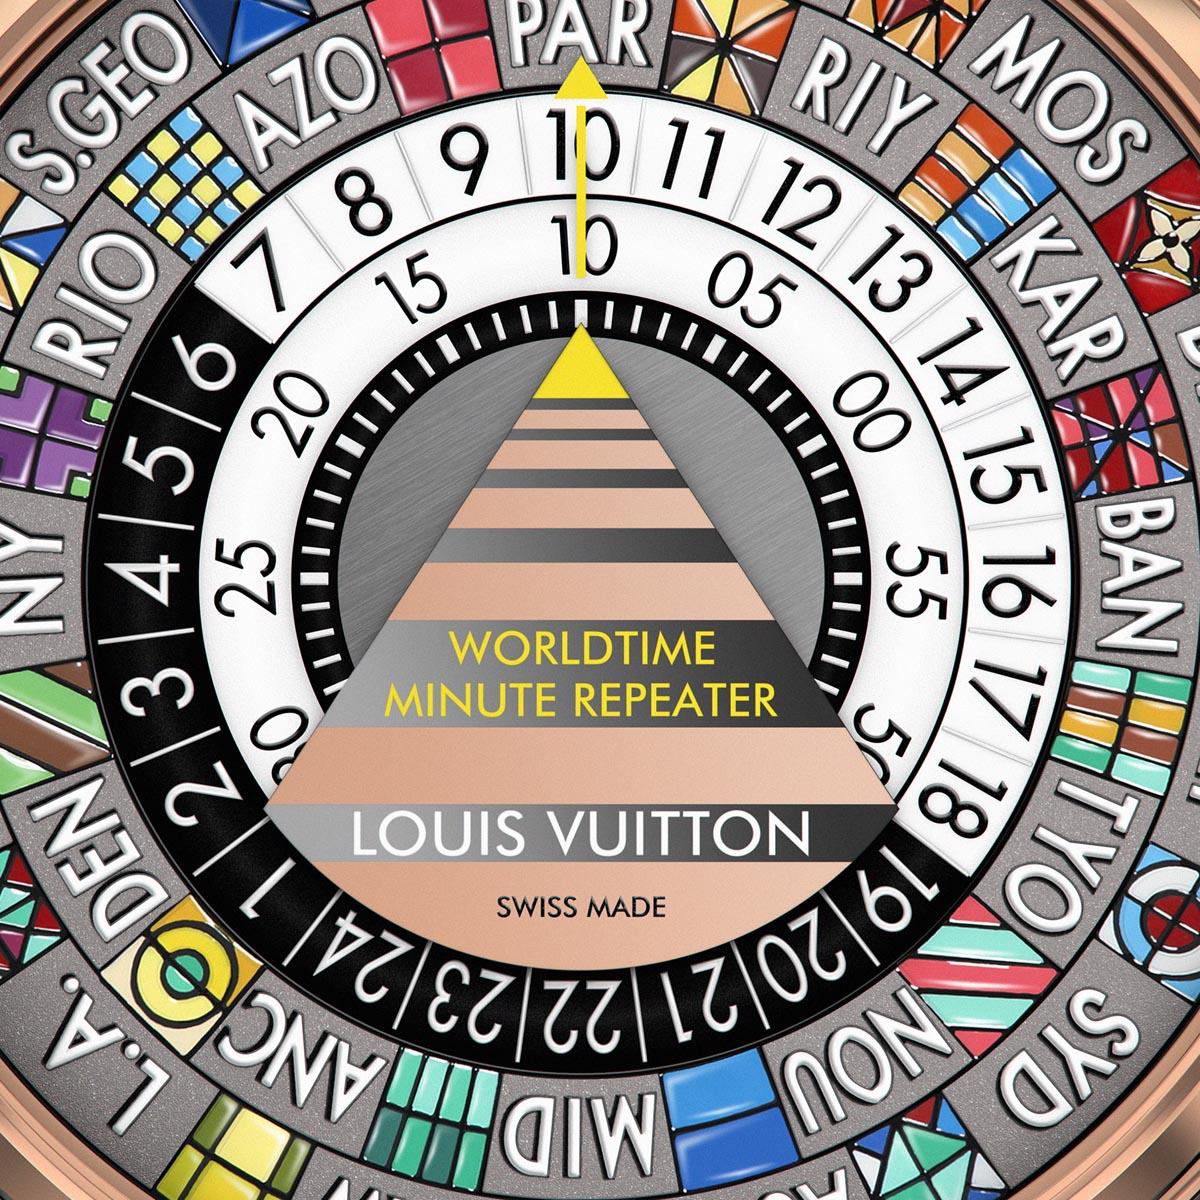 La Cote des Montres : Photo - Louis Vuitton Escale Répétition Minutes Worldtime